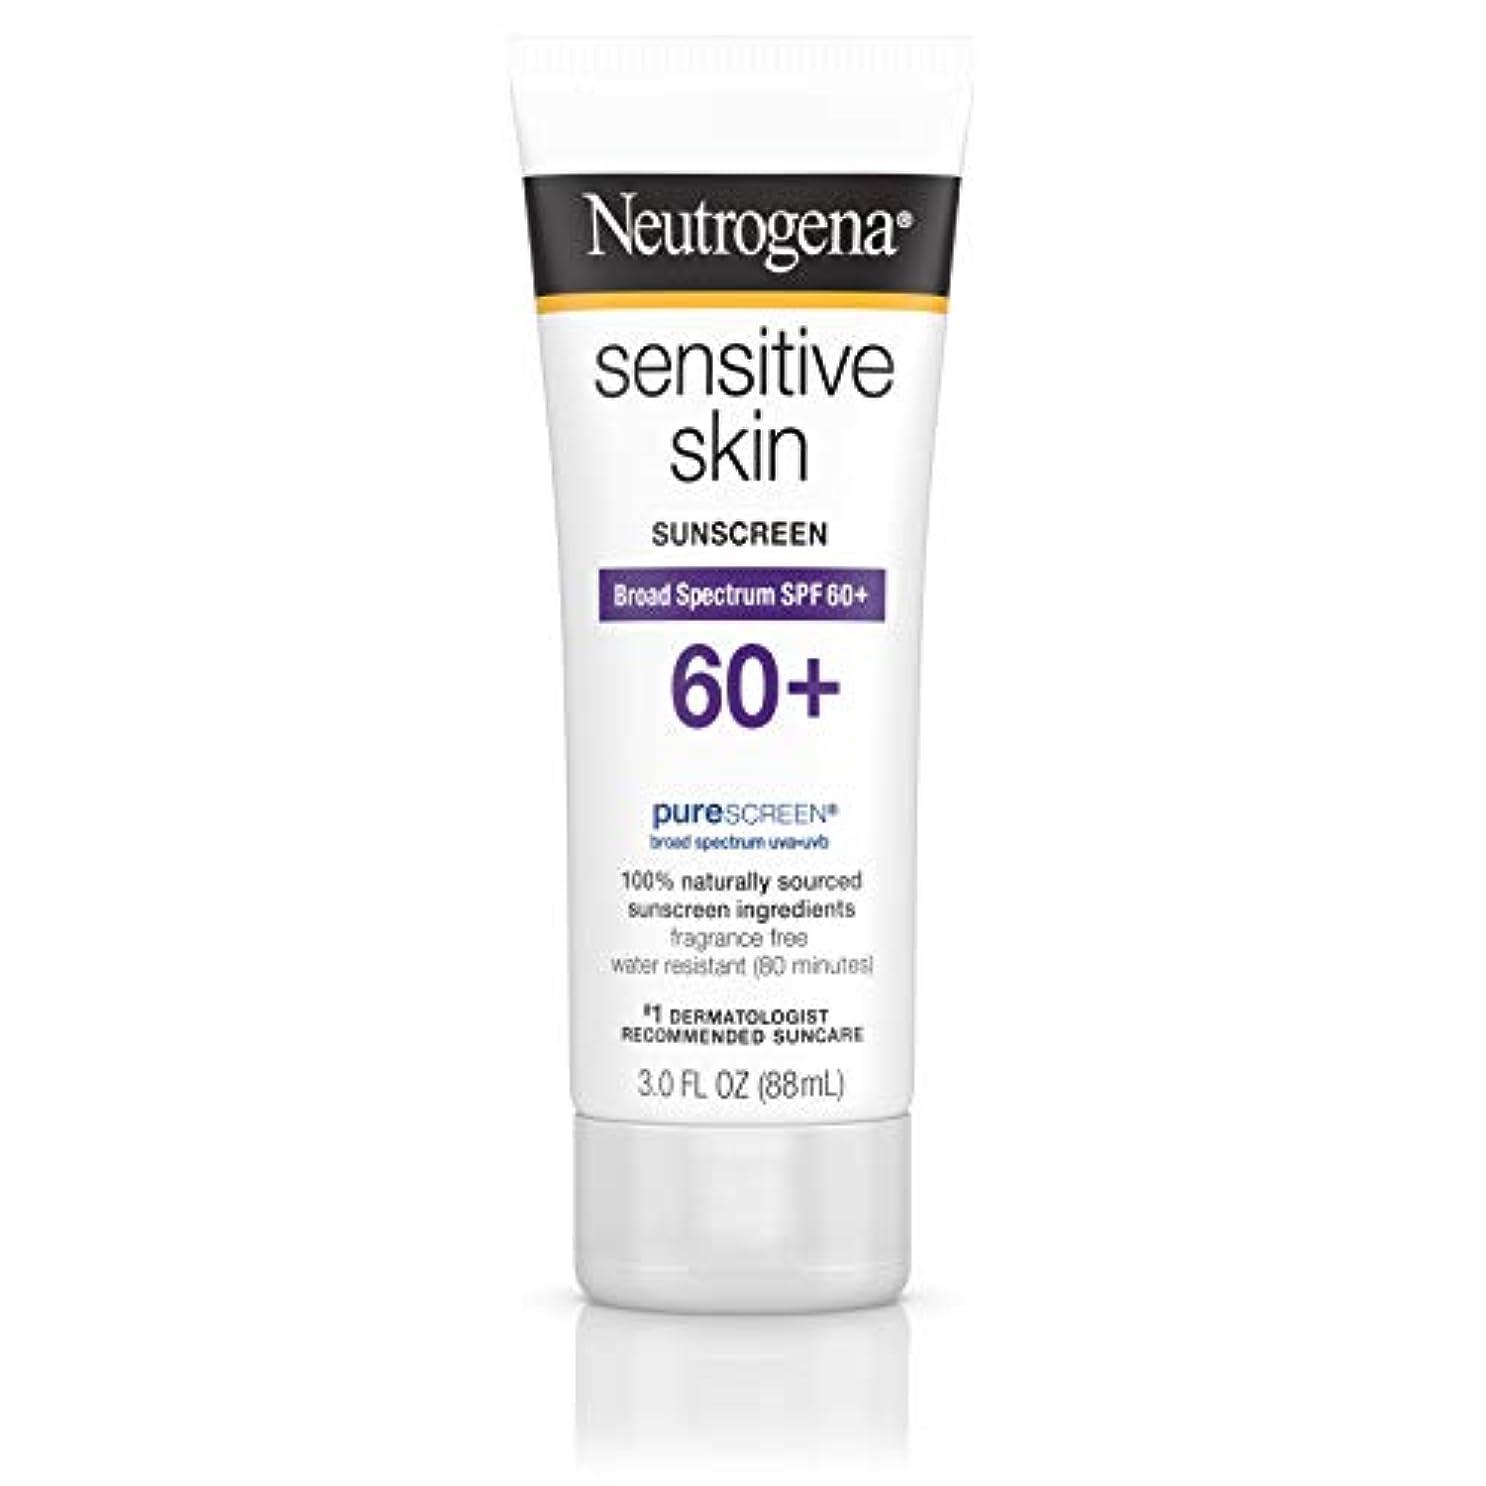 高度同行する正確なNeutrogena 敏感肌日焼け止めローションSPF 60 + 3オズ